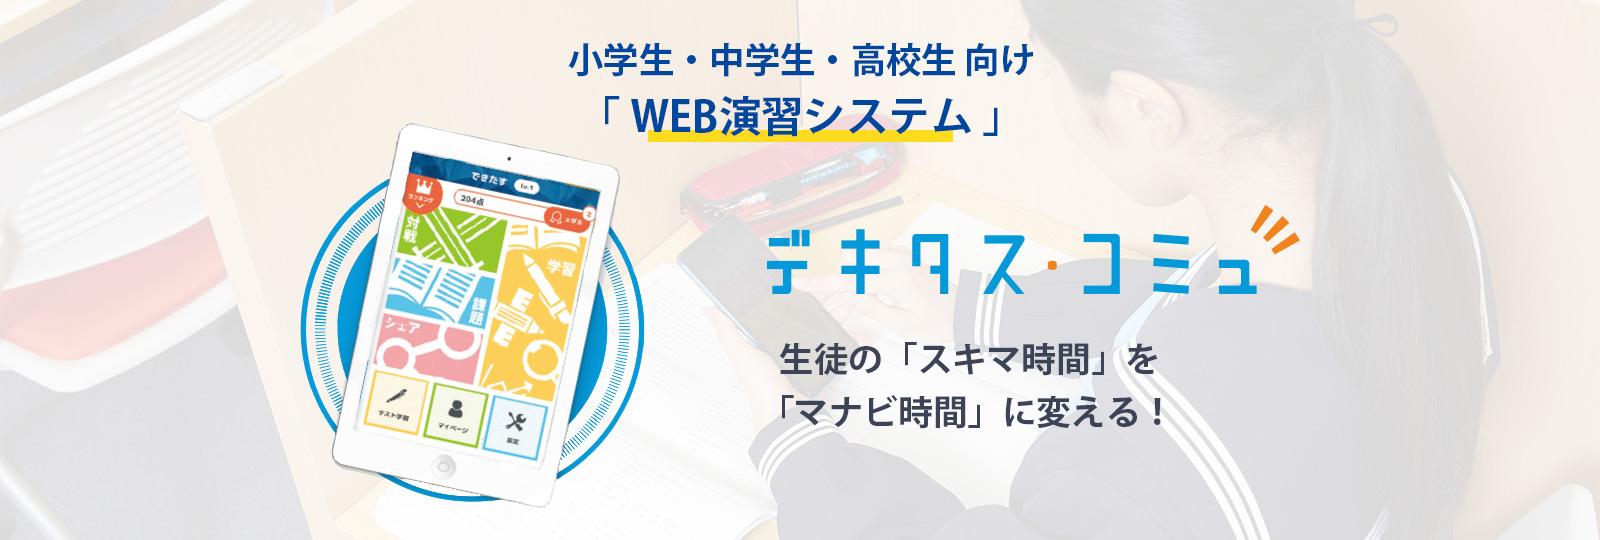 小学生・中学生・高校生向けWEB演習システム デキタス・コミュ 生徒の「スキマ時間」を「マナビ時間」に変える!